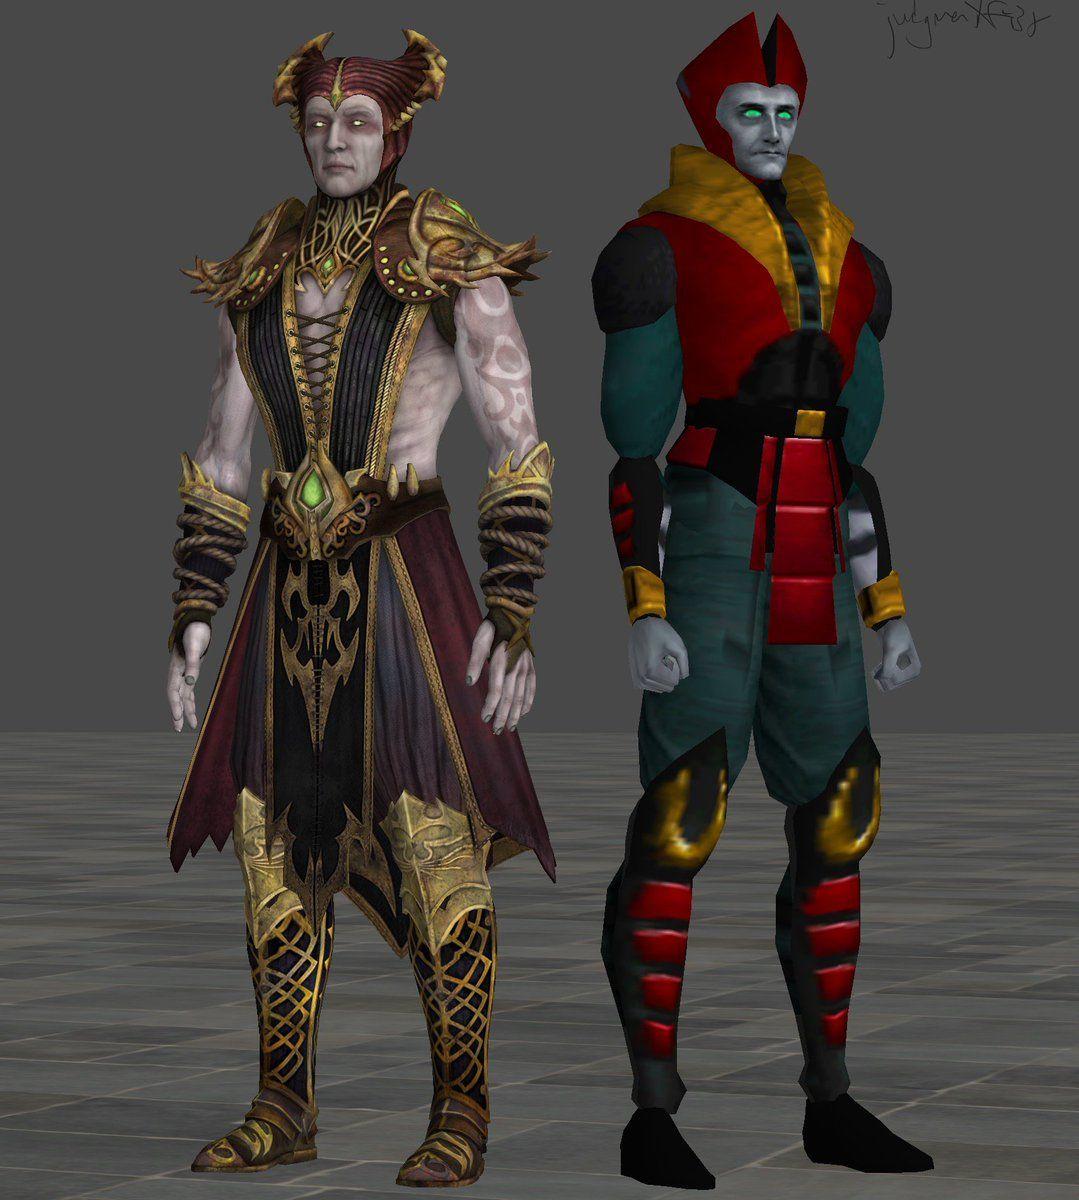 34 Shinnok The Dark Elder God Ideas In 2021 Mortal Kombat Mortal Kombat X Mortal Kombat Art